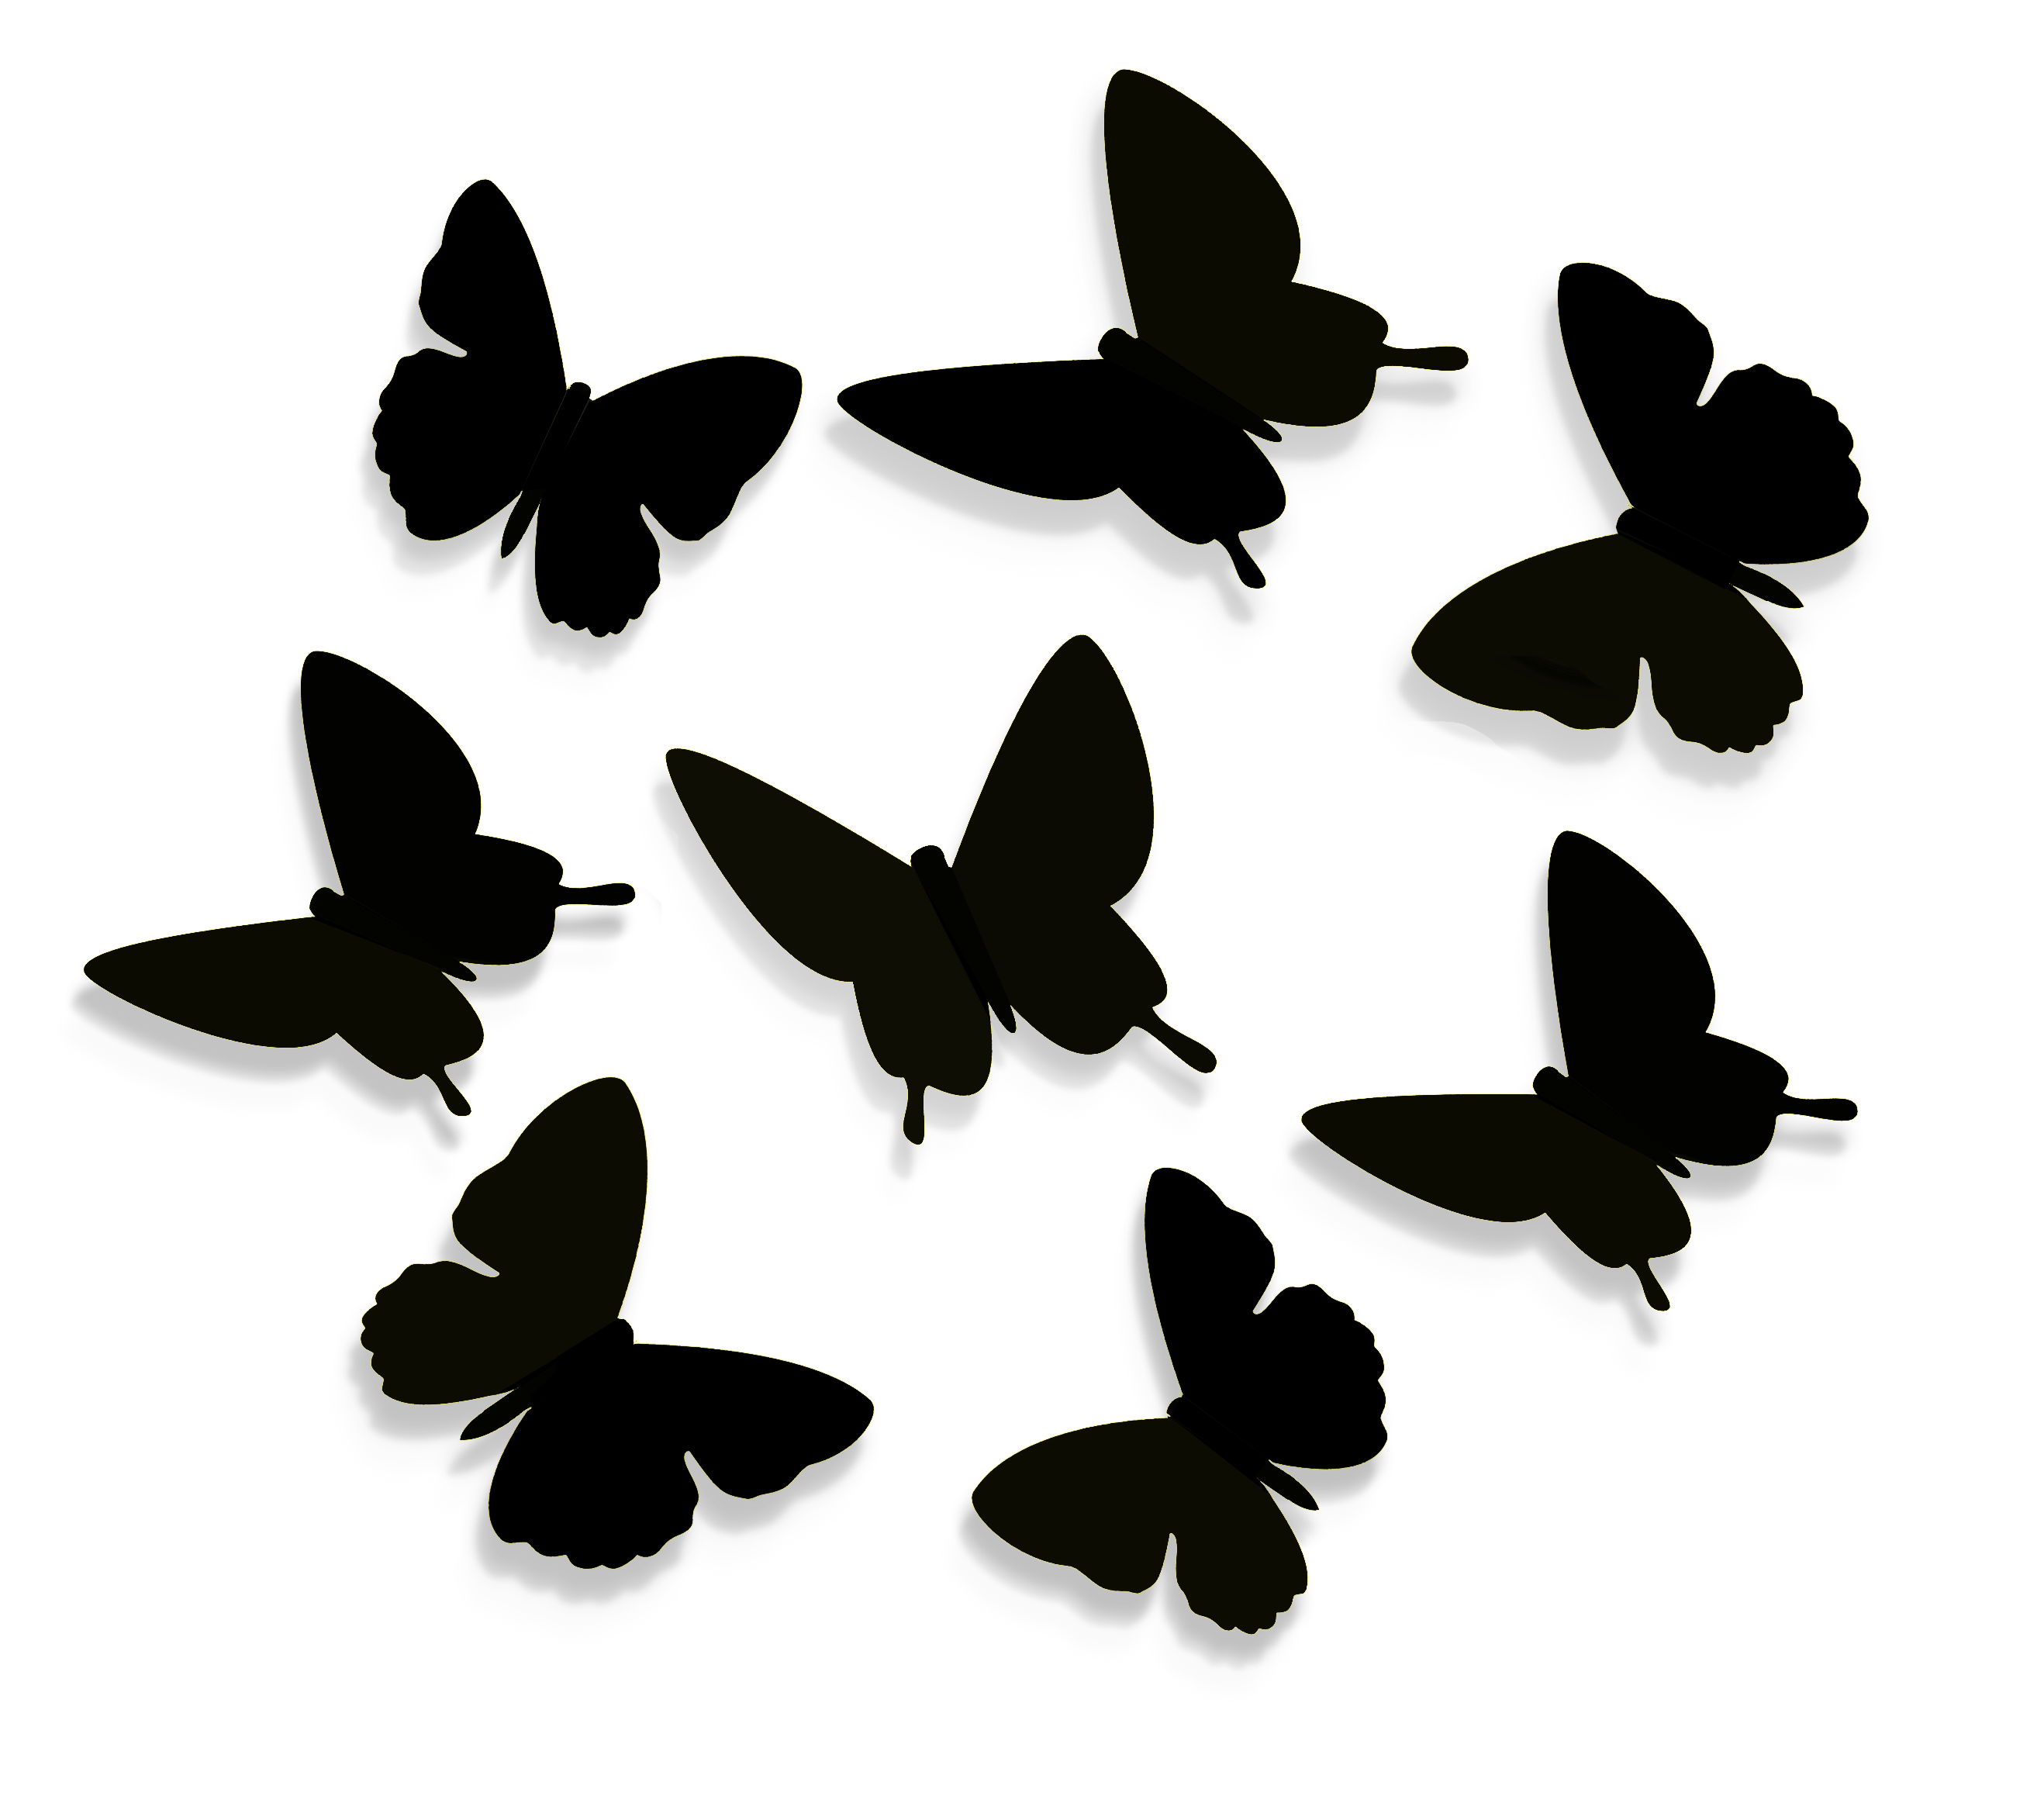 Контур бабочек для вырезания на стену из бумаги своими руками